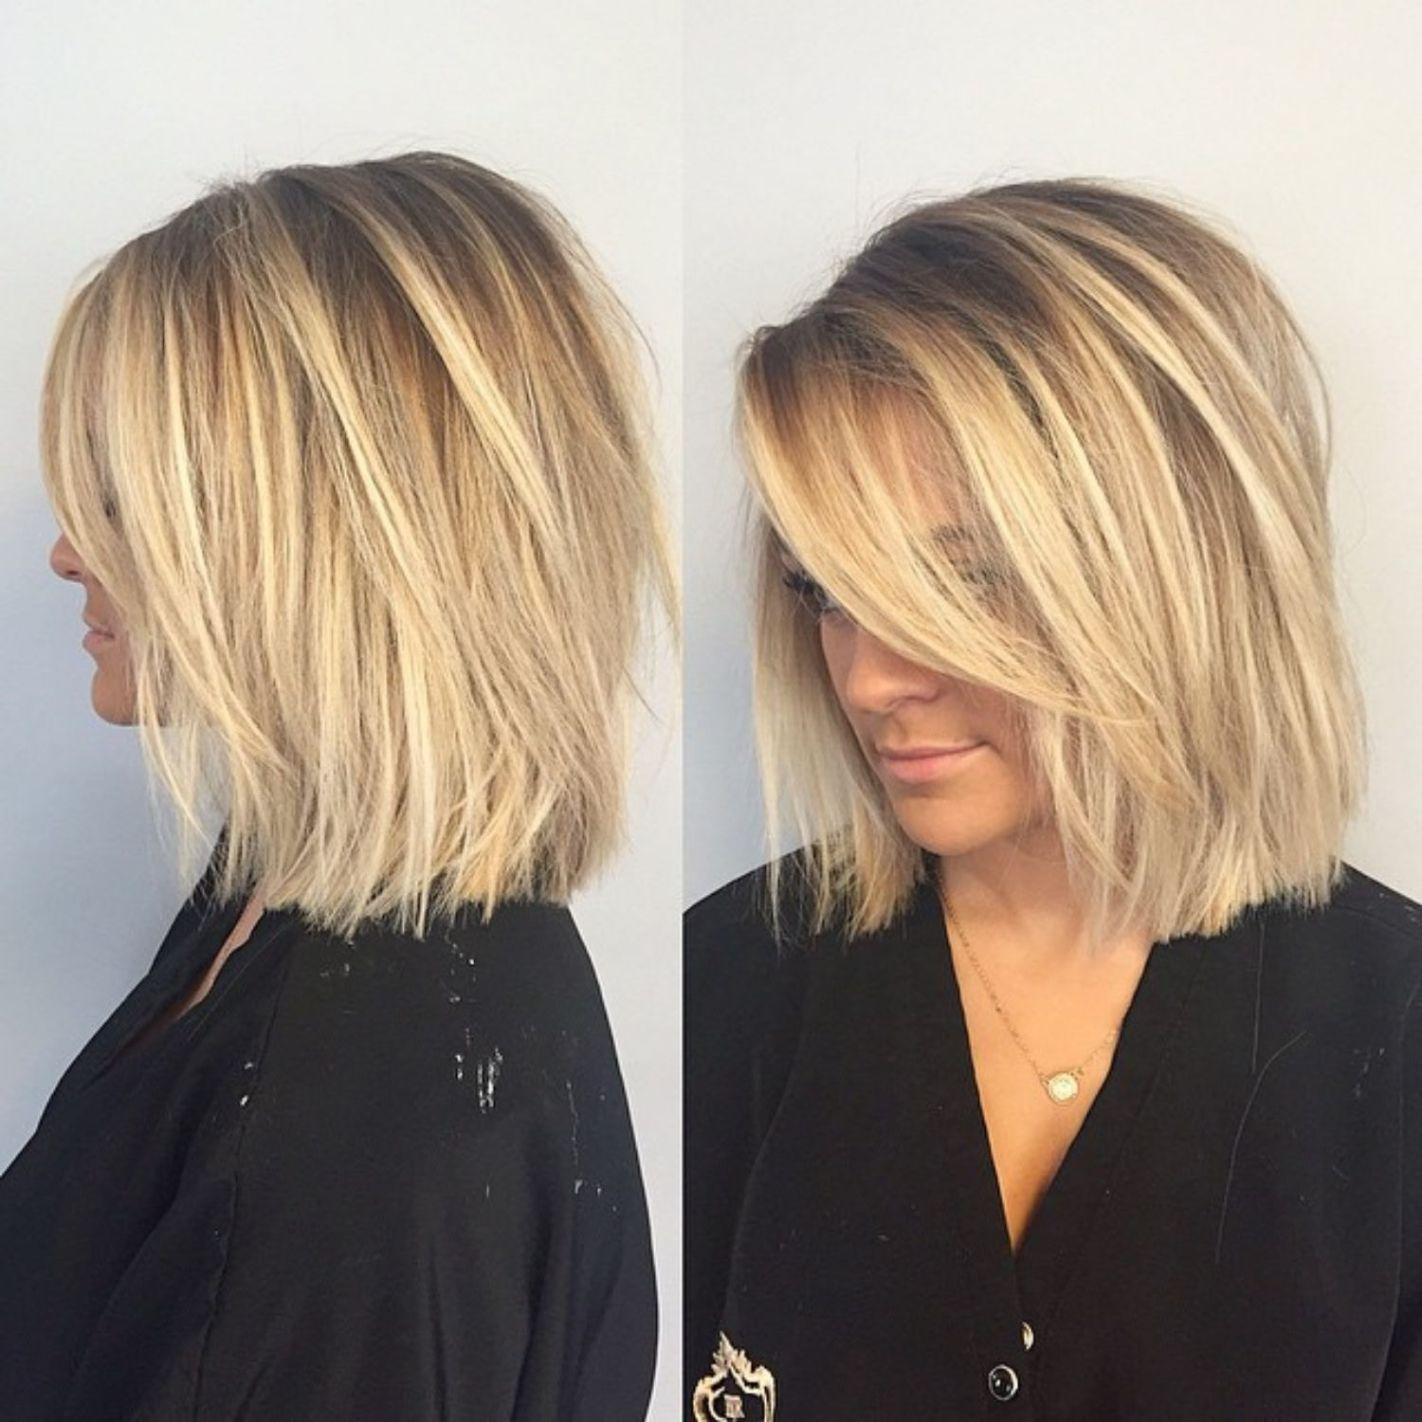 Choppy Blonde Lob Medium Length Hair Styles Shoulder Length Straight Hair Short Hair Lengths